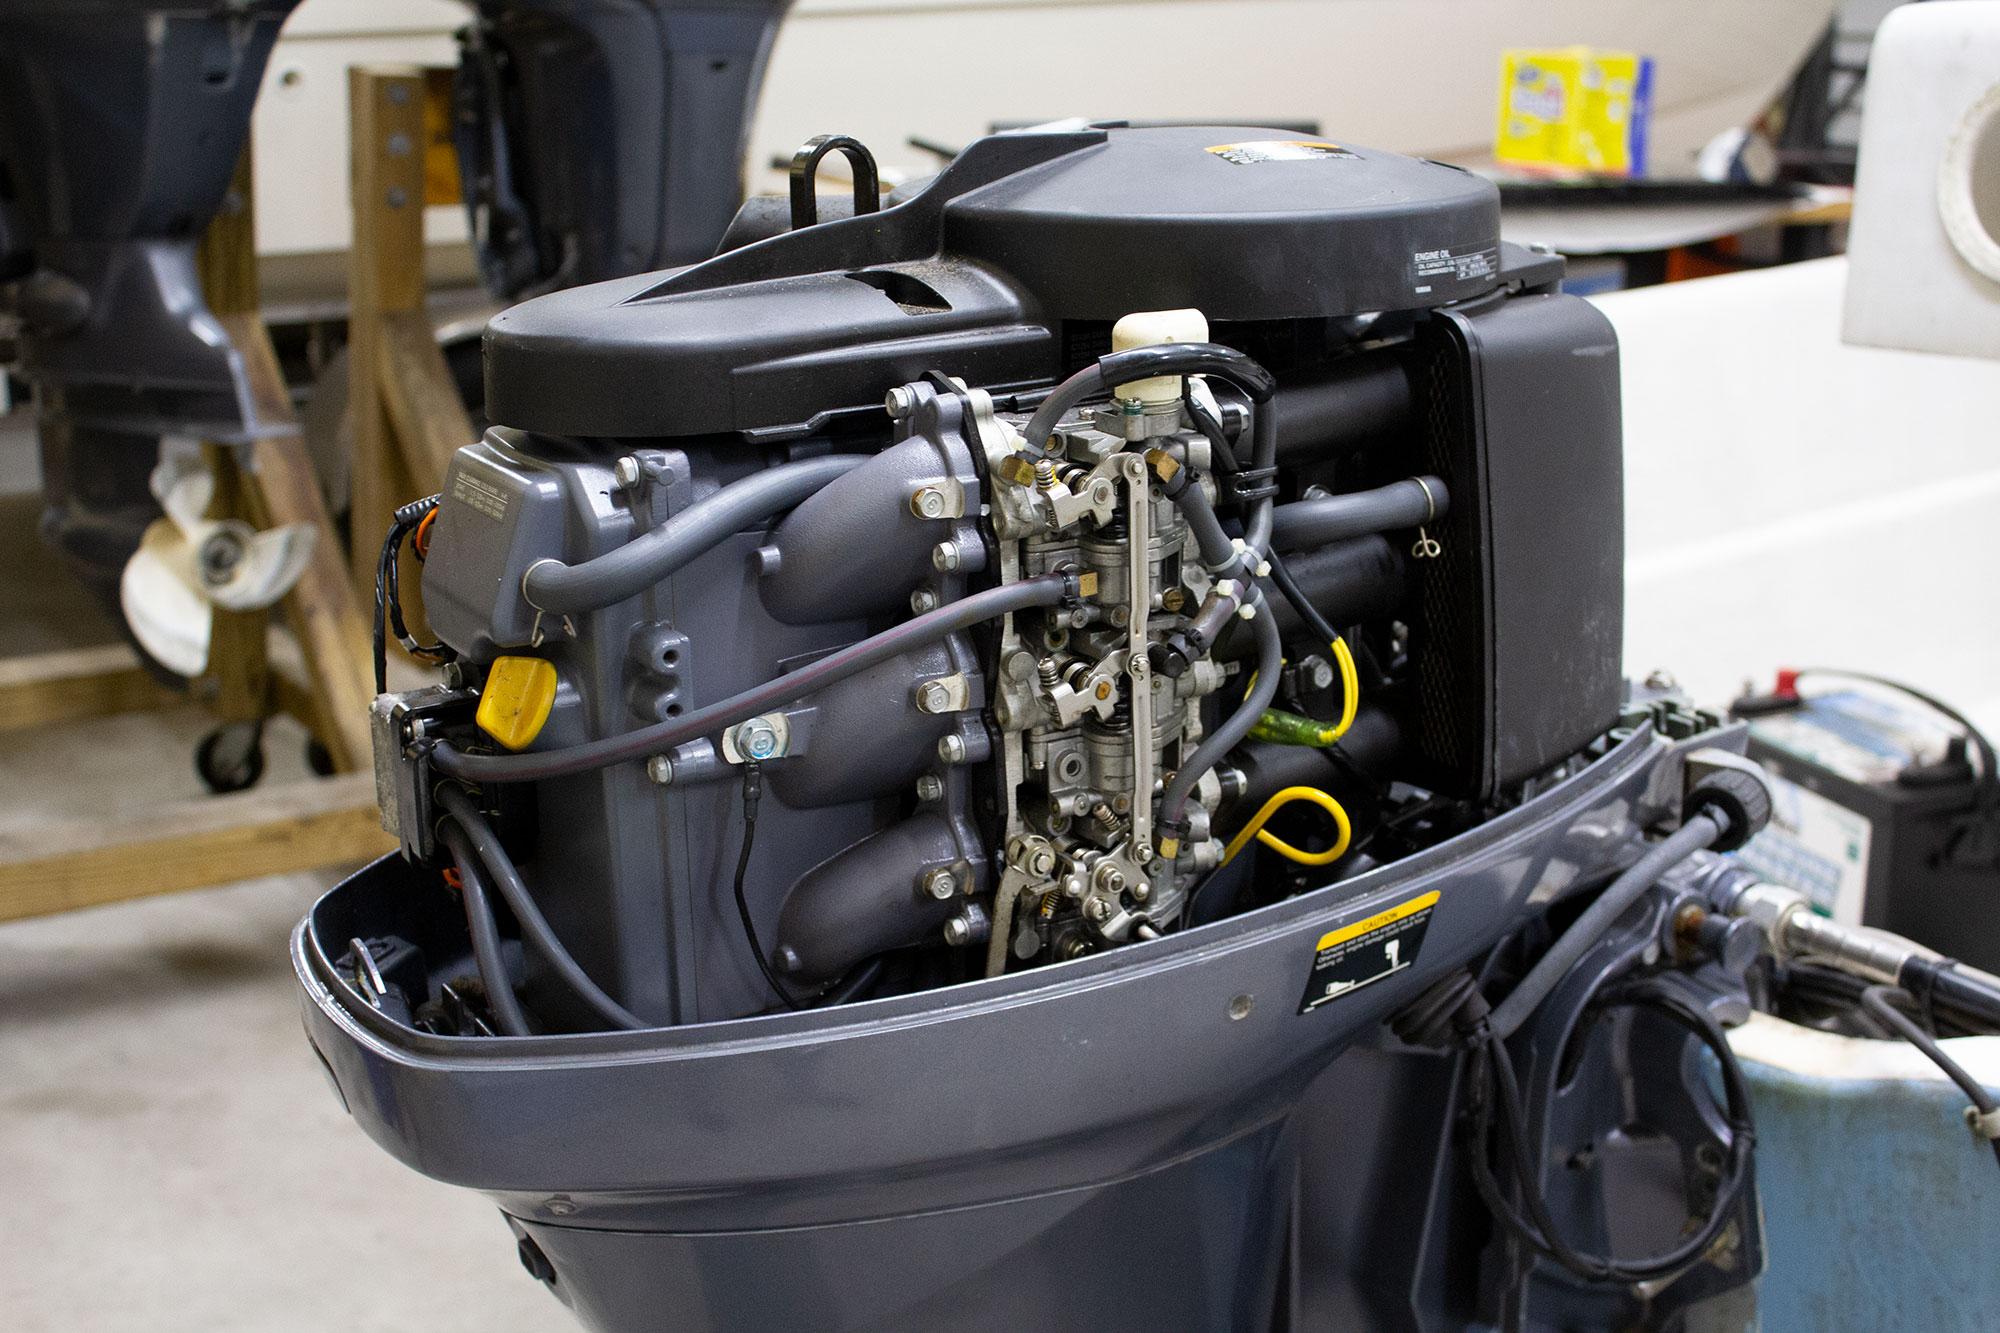 Close up of Yamaha Engine